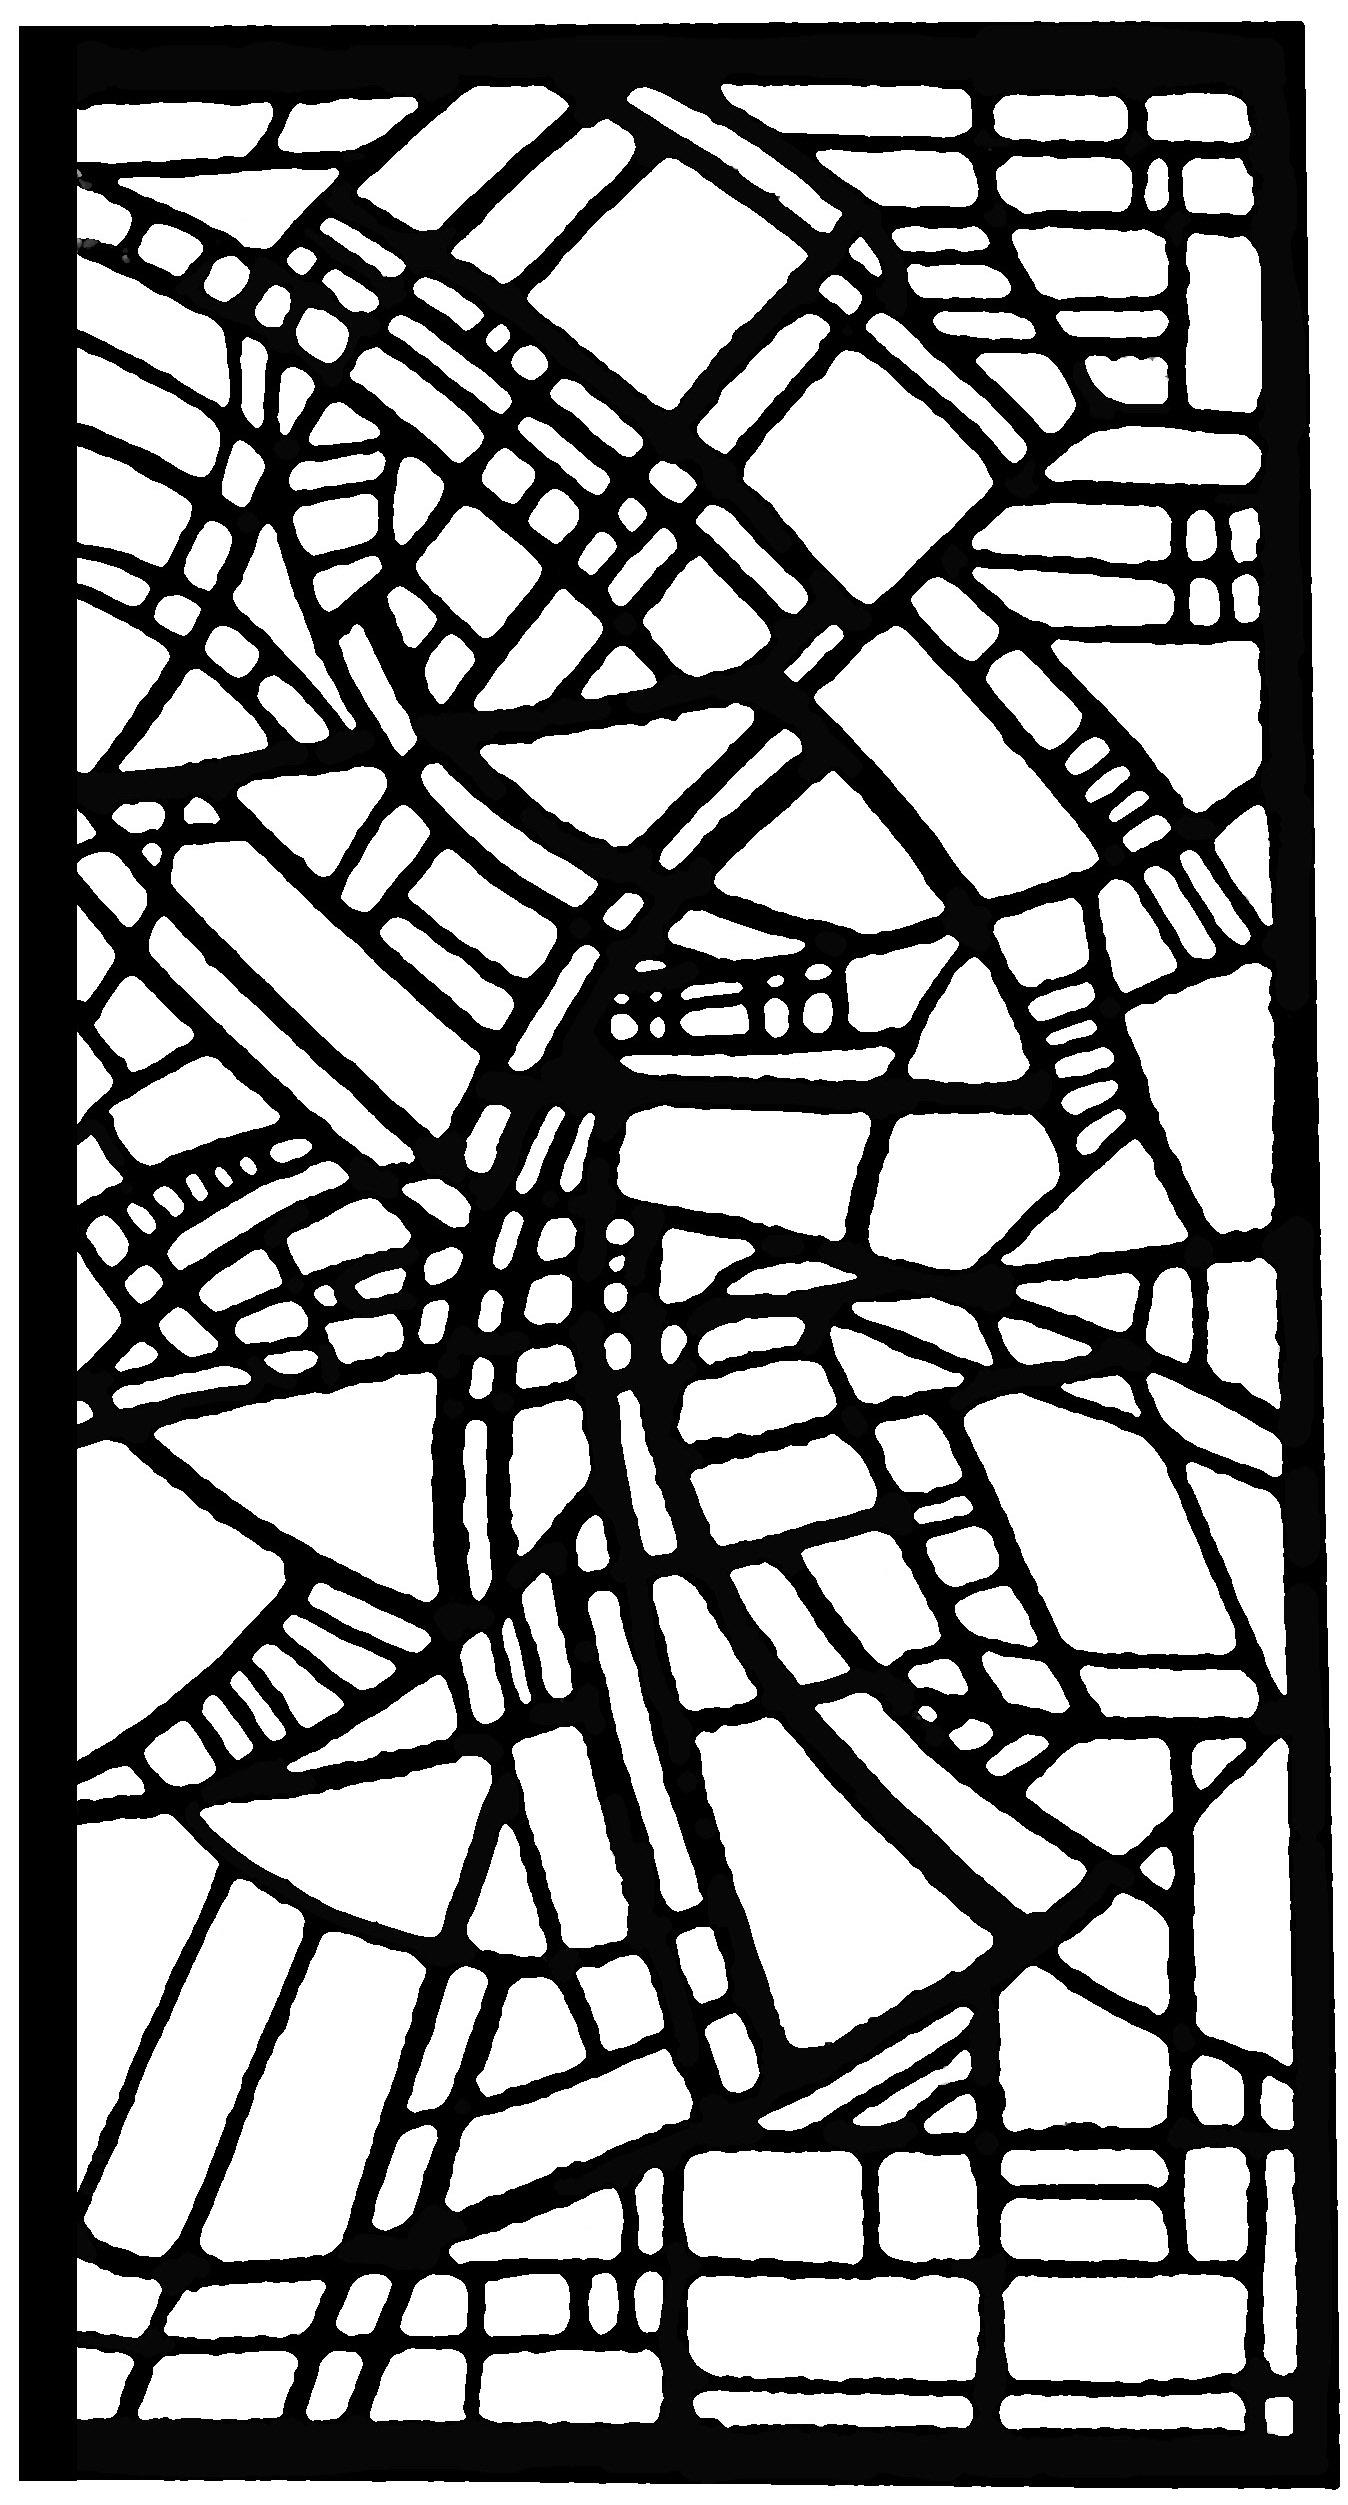 Vitrail d'une église en Belgique, par René Mels (1986)